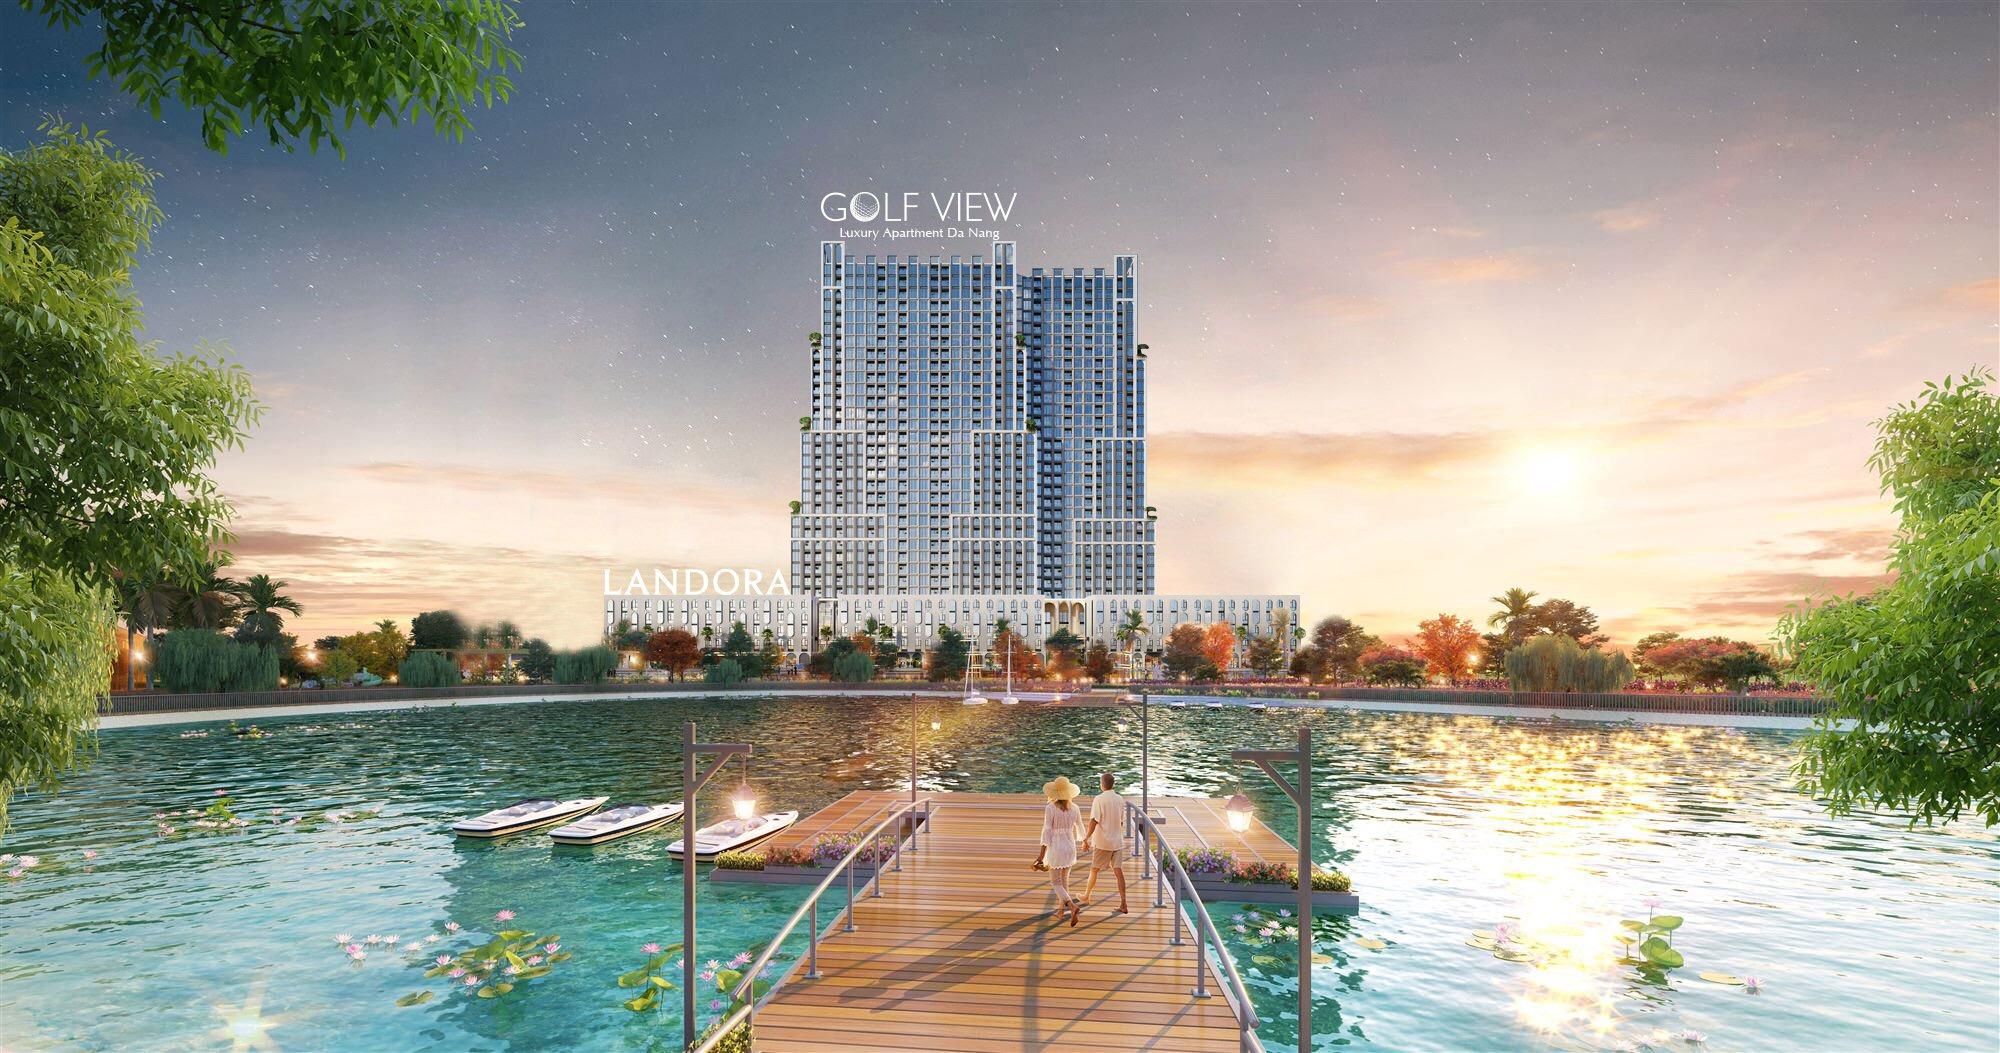 """2021 là cơ hội """"vàng"""" lần thứ hai để đầu tư bất động sản Đà Nẵng 1"""